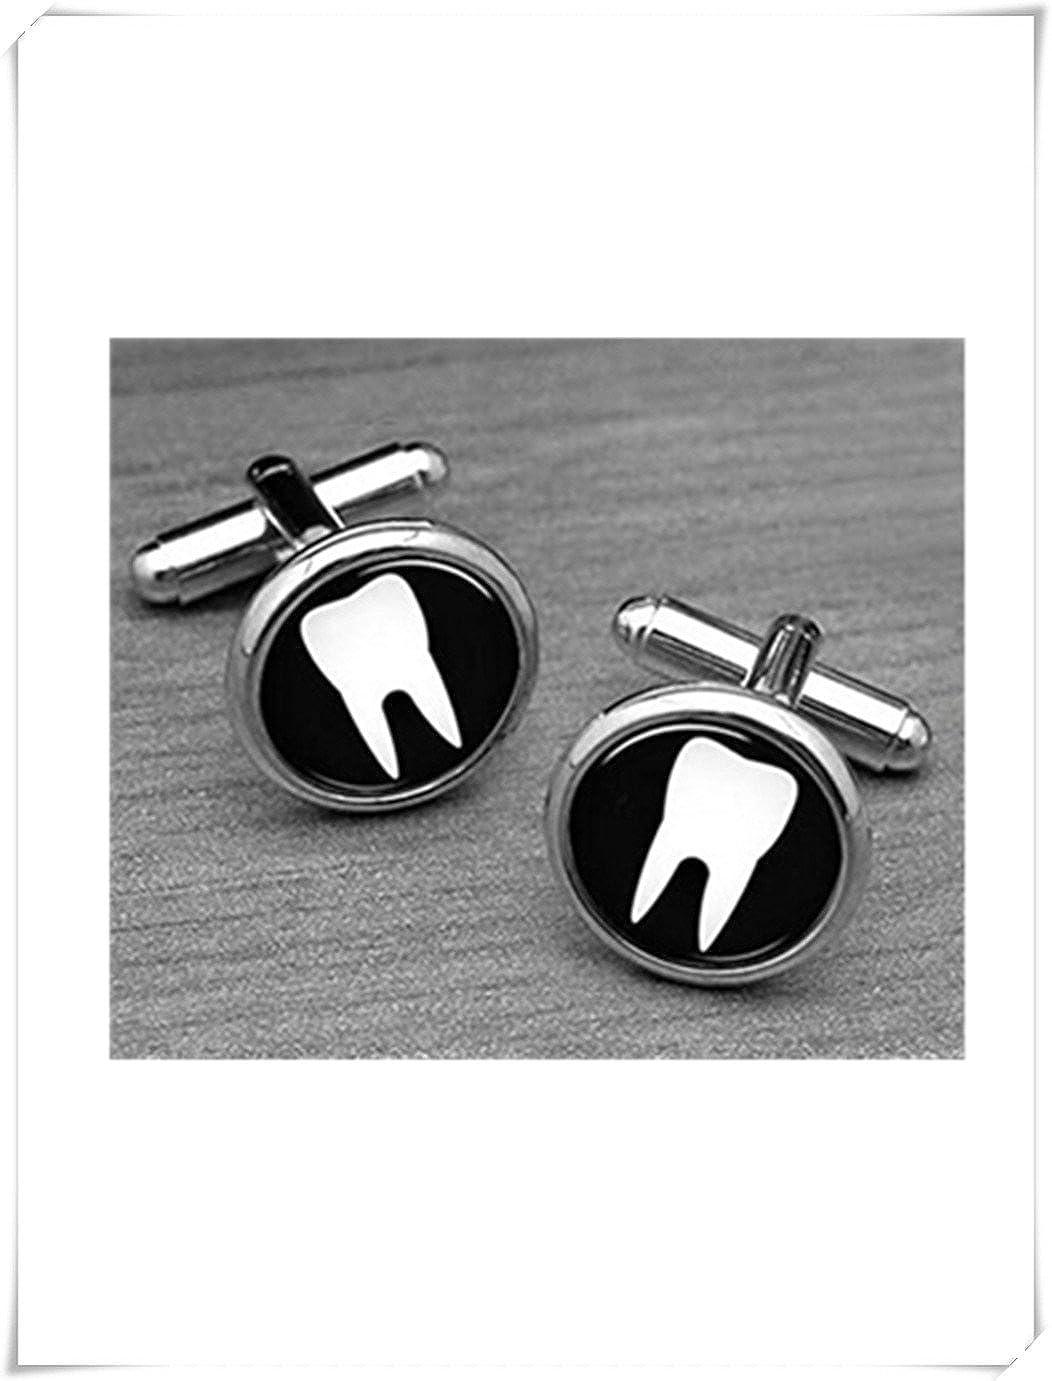 Boutons de manchette dent, dentiste Boutons de manchette, médecin dentiste Cuffl encres Forever family ce67